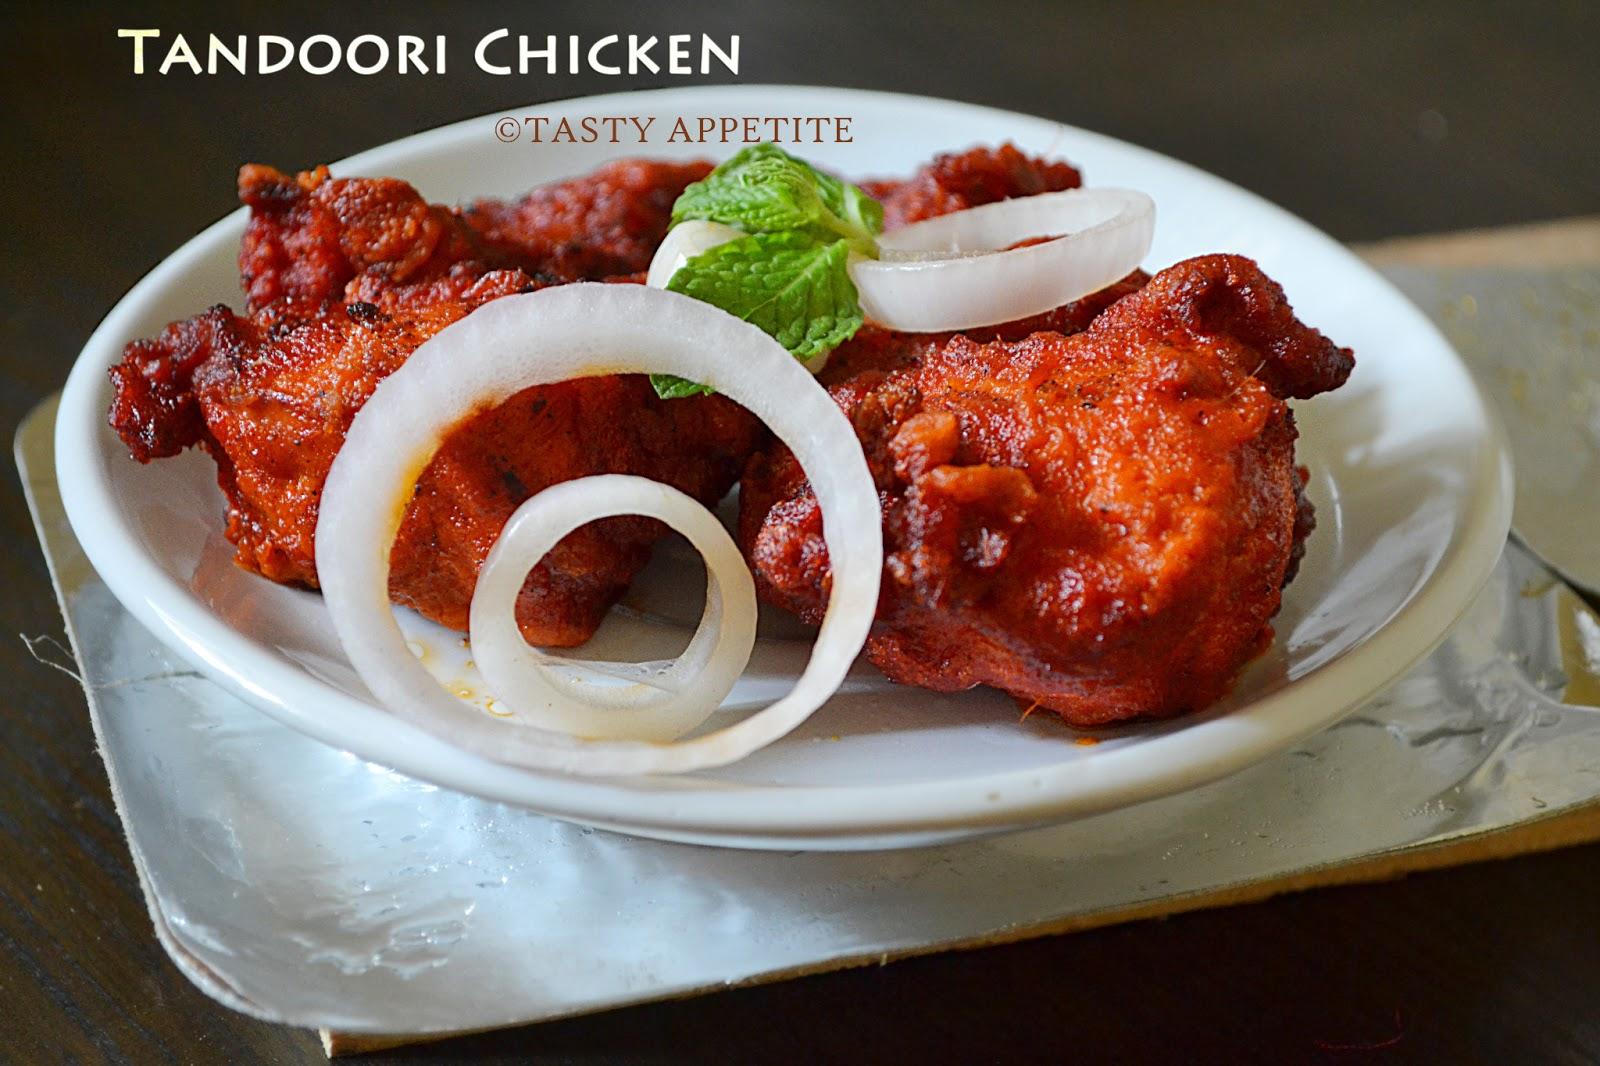 Indian non vegetarian recipes non veg recipes non veg curries indian non vegetarian recipes non veg recipes non veg curries and gravies forumfinder Choice Image